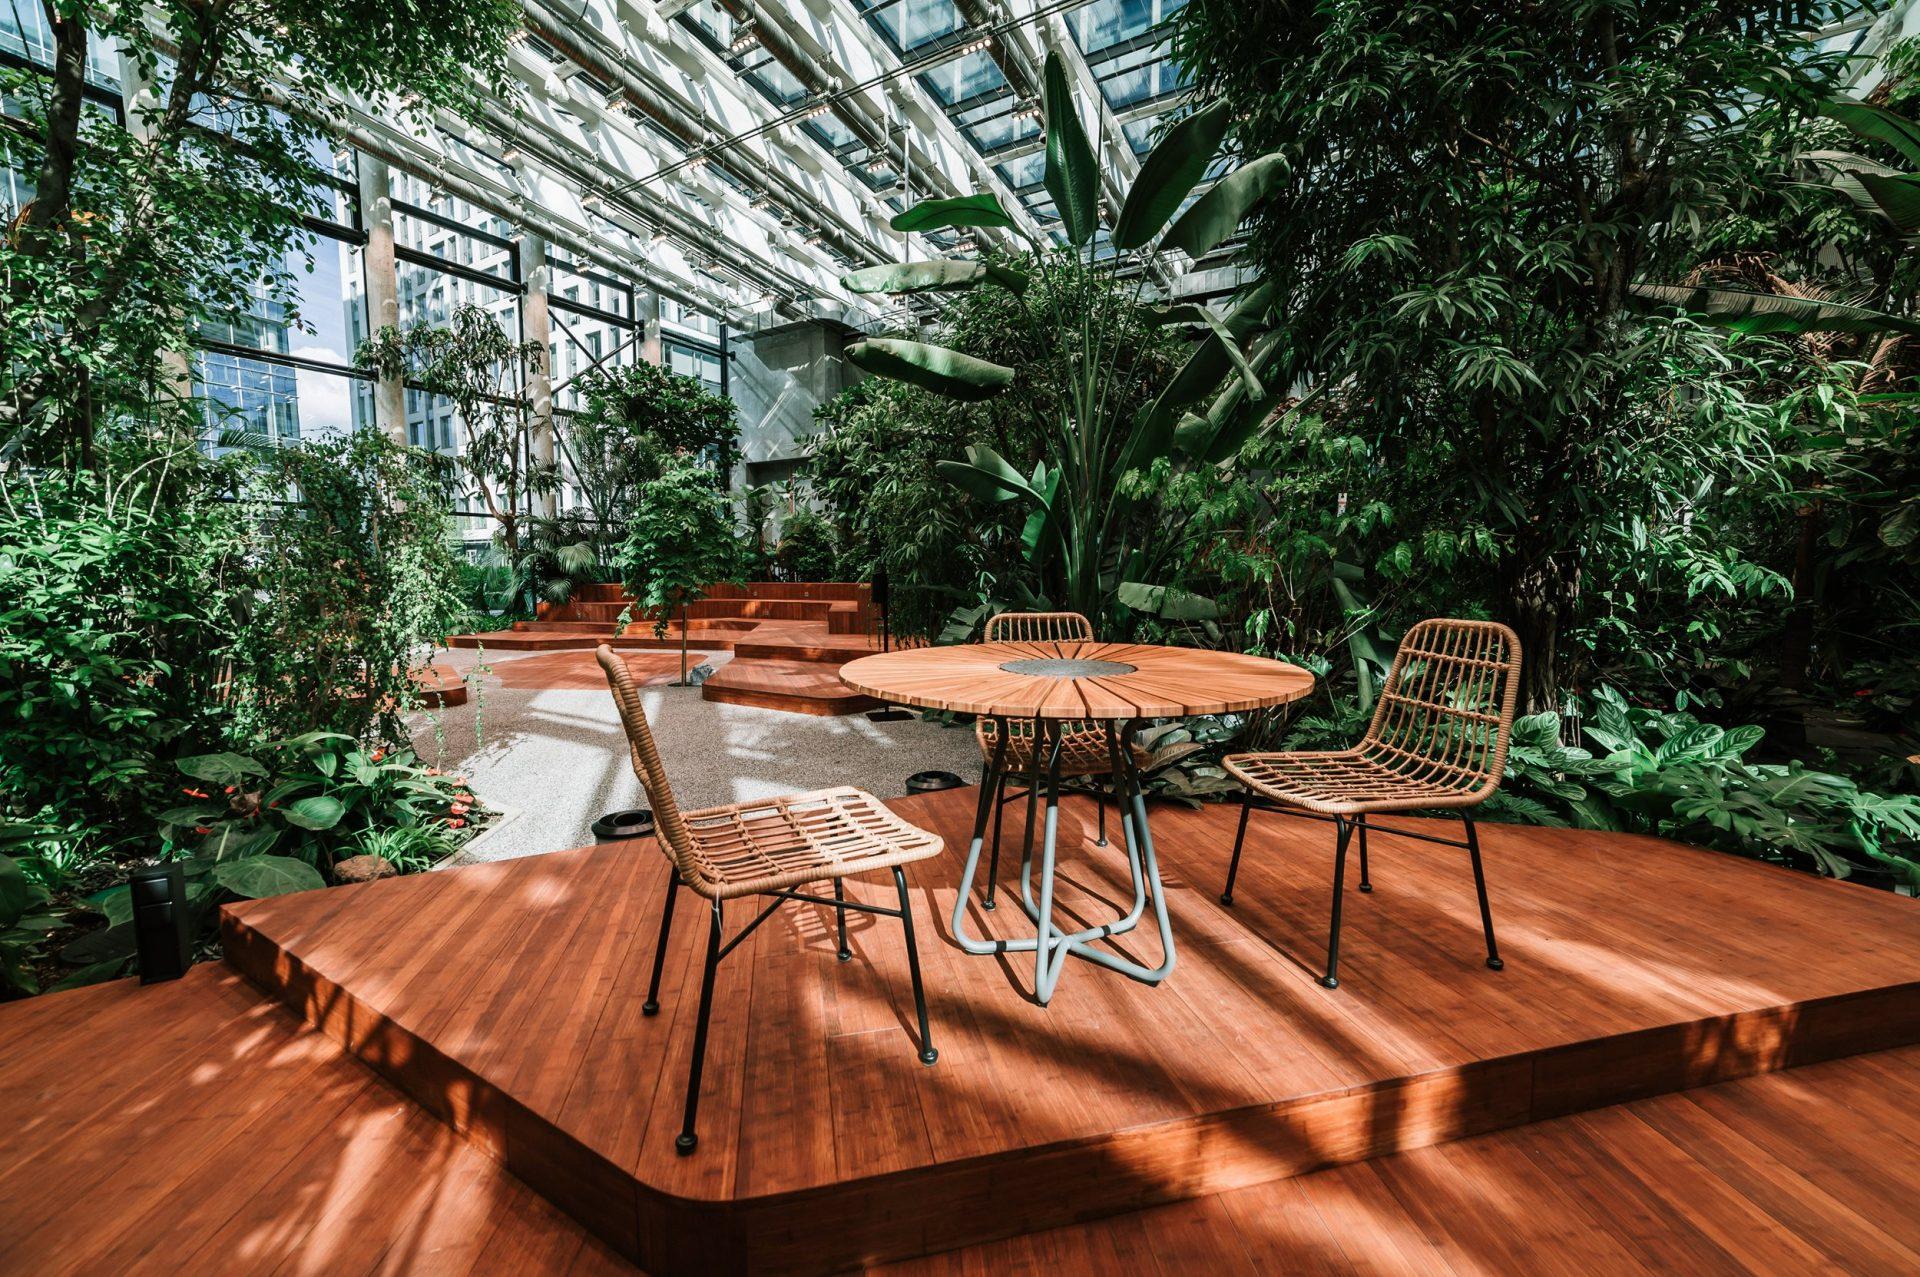 olivia_garden_designalive-20